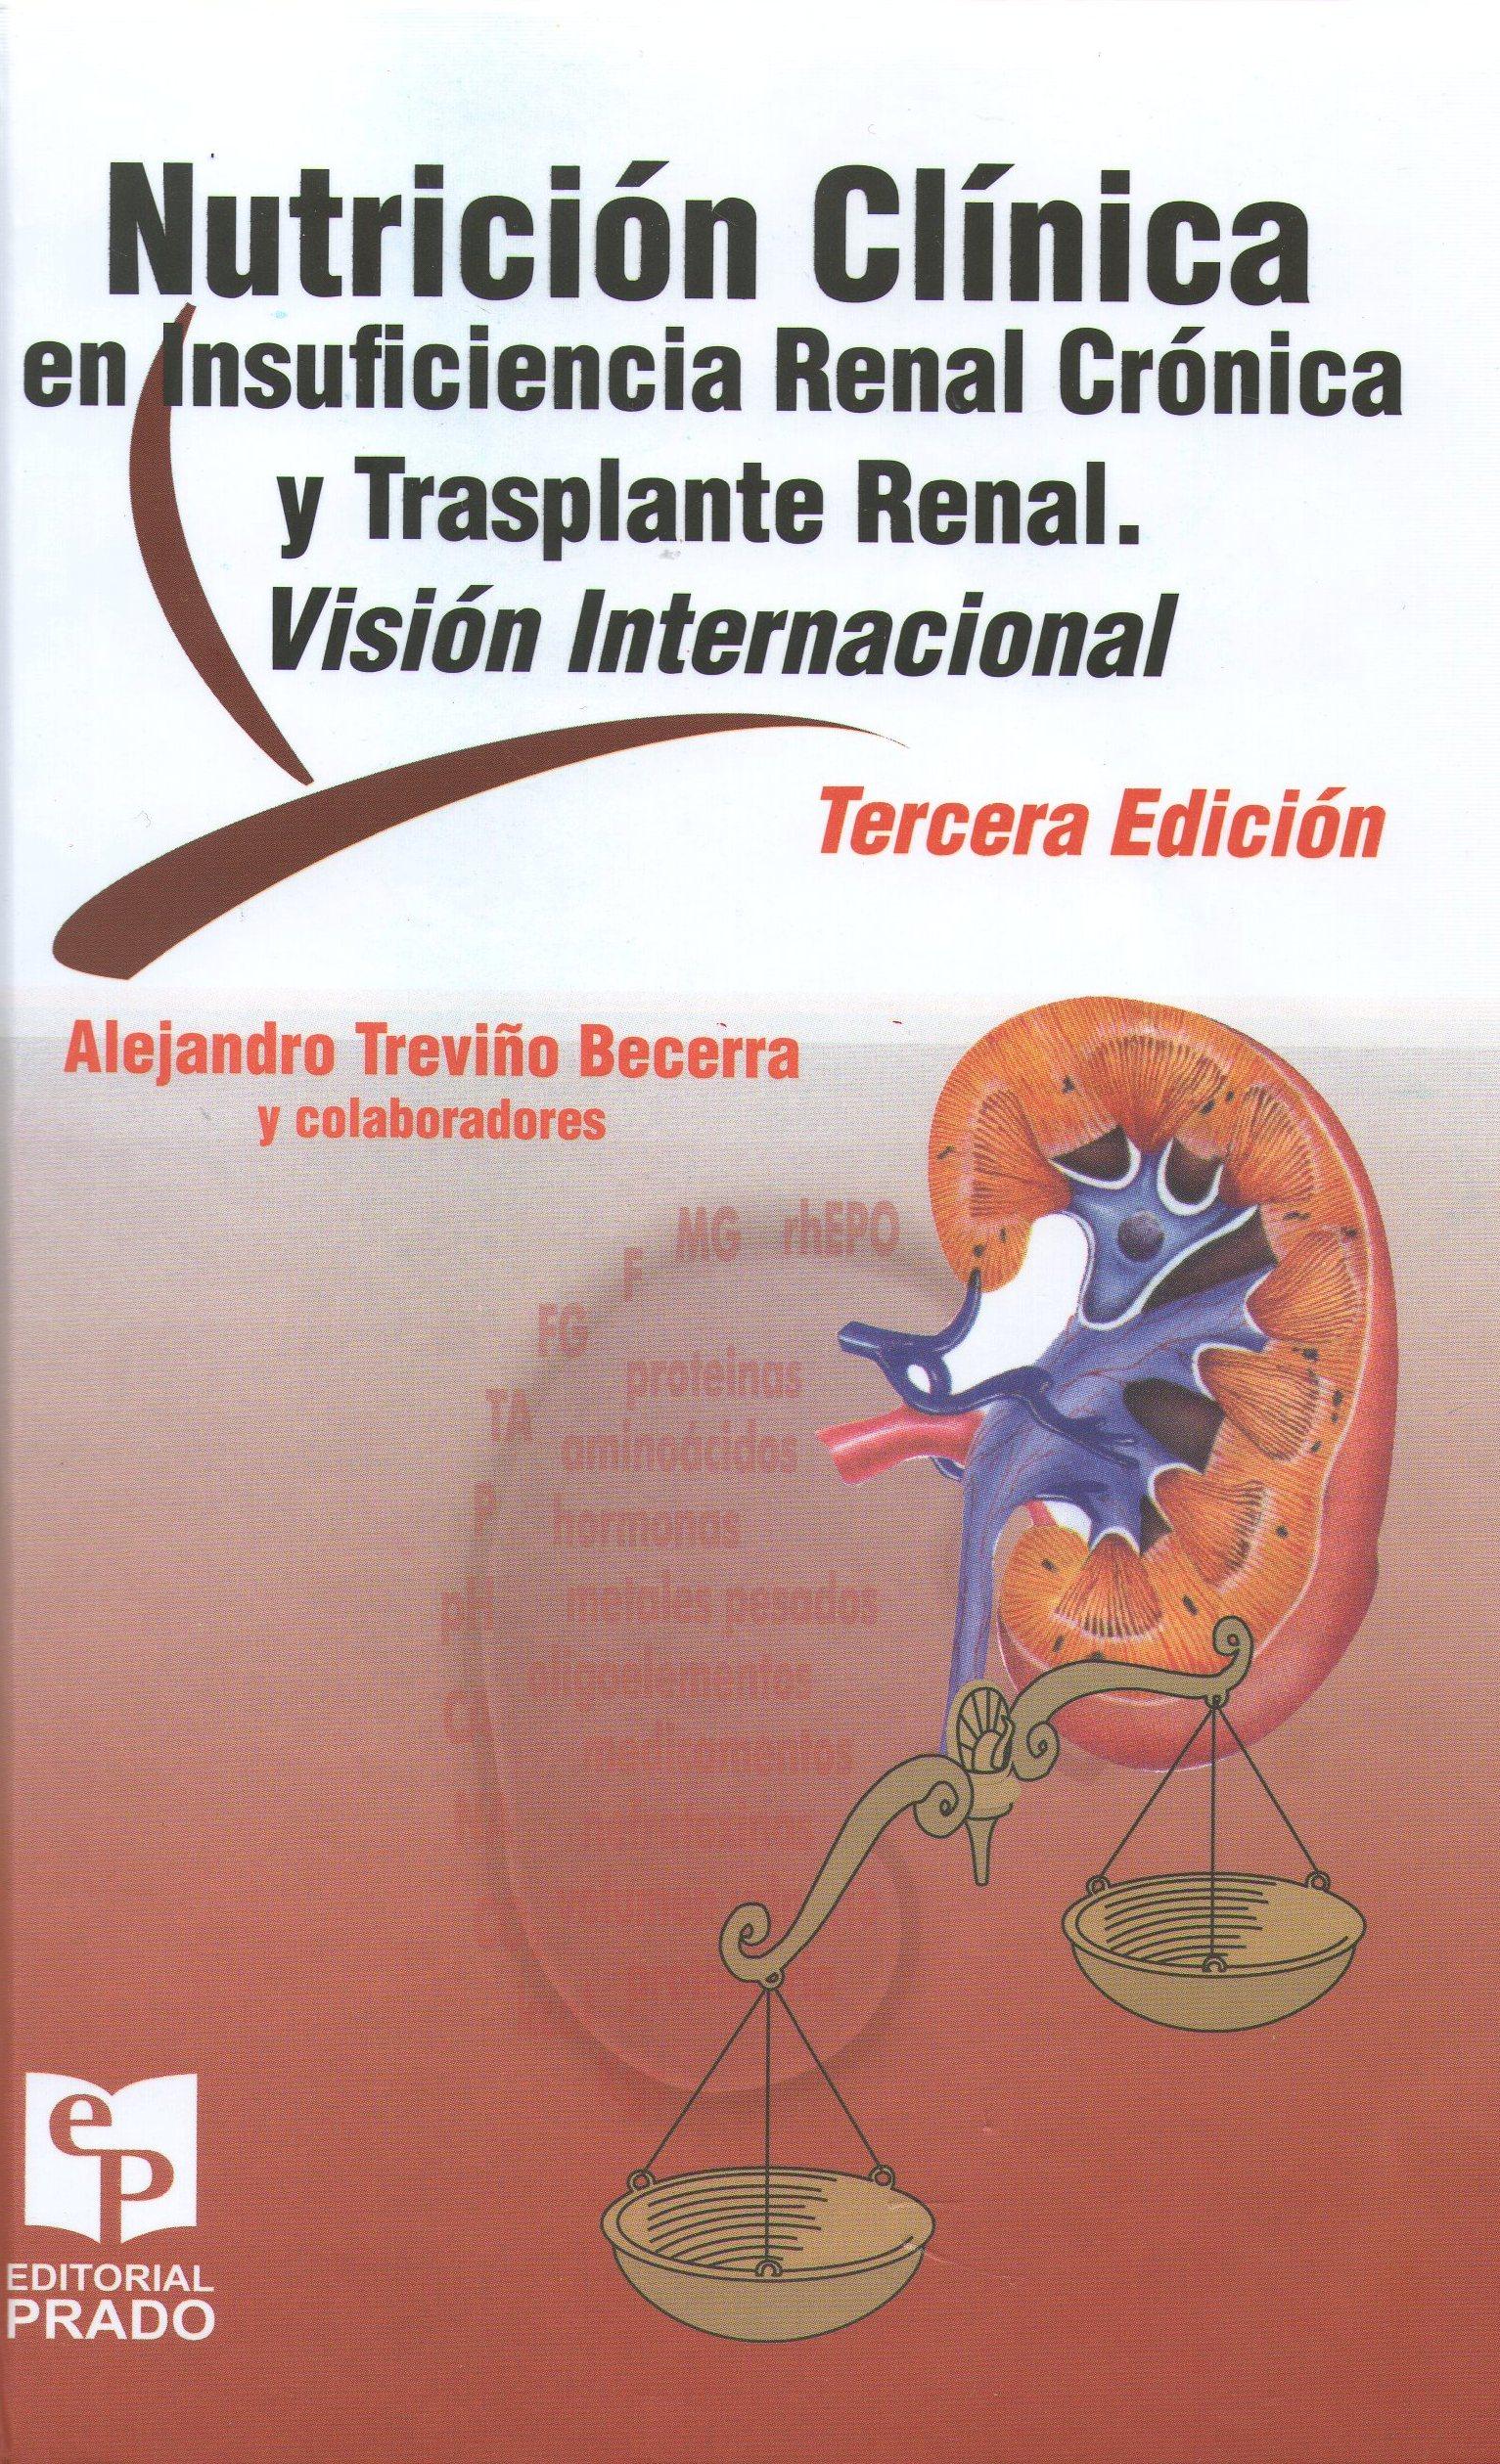 Nutricion clinica en insuficiencia renal cronica y for Alimentos prohibidos para insuficiencia renal